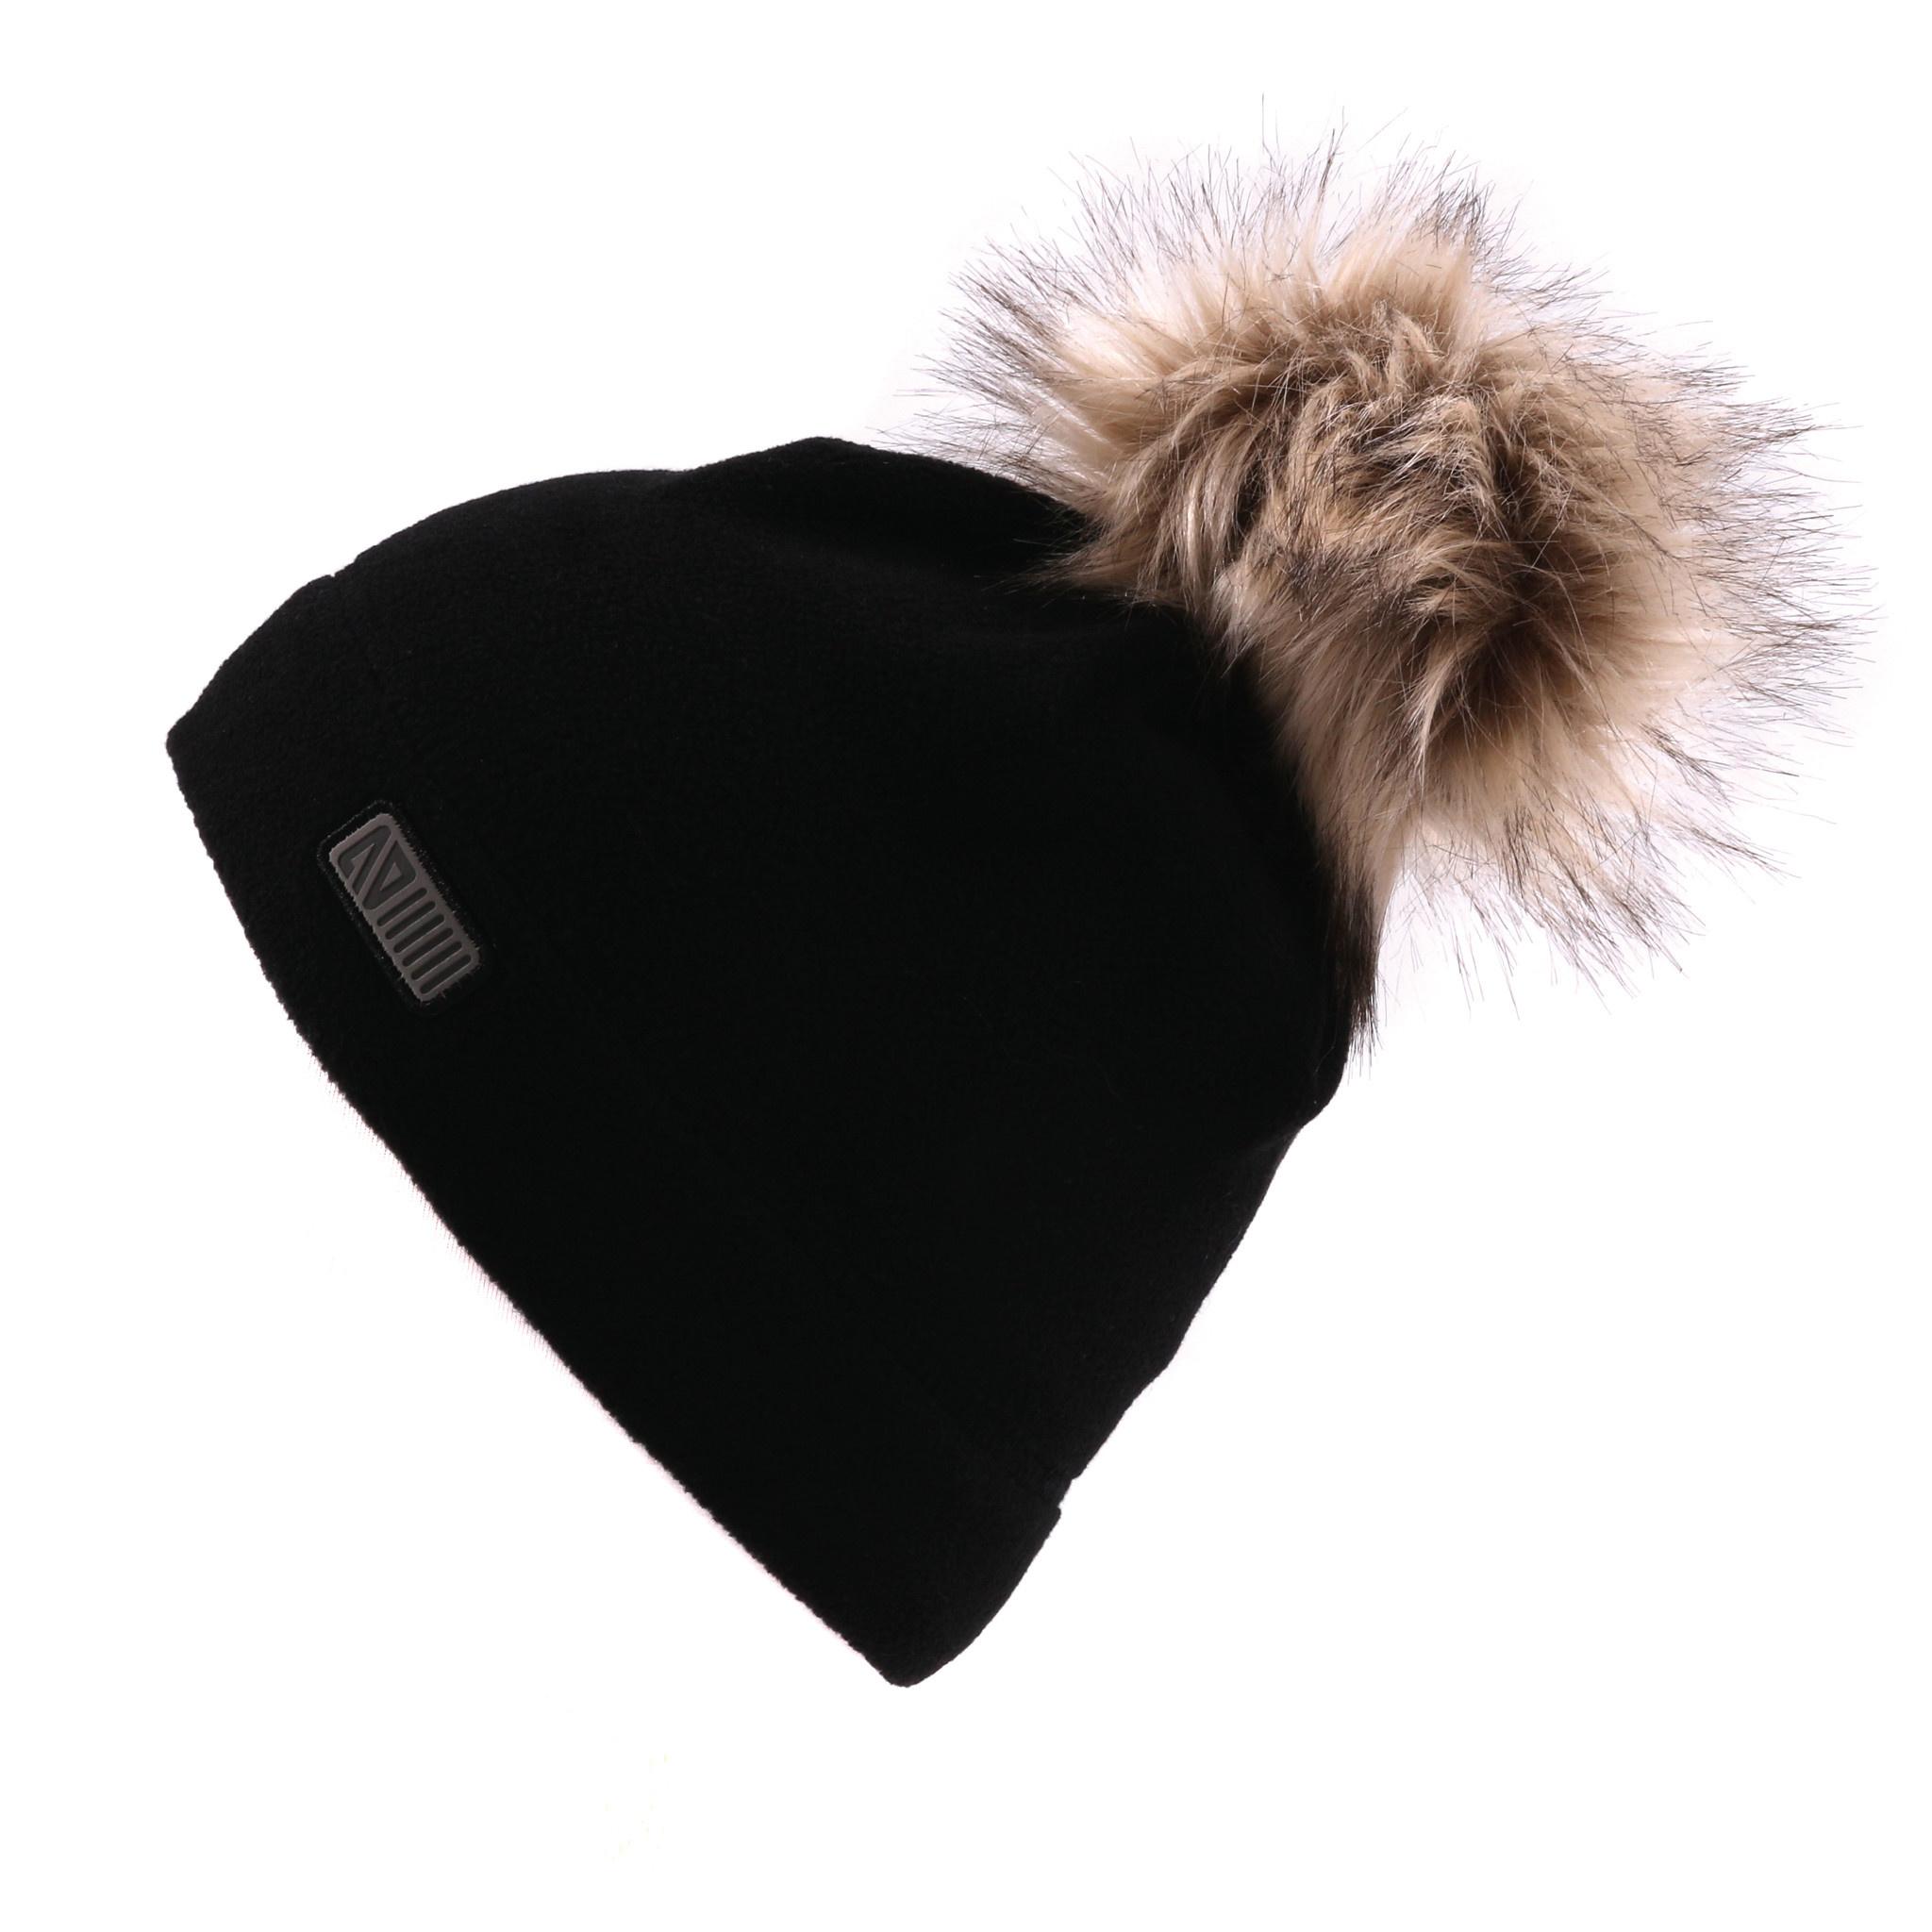 Tuque en polar sans oreilles Noire-1